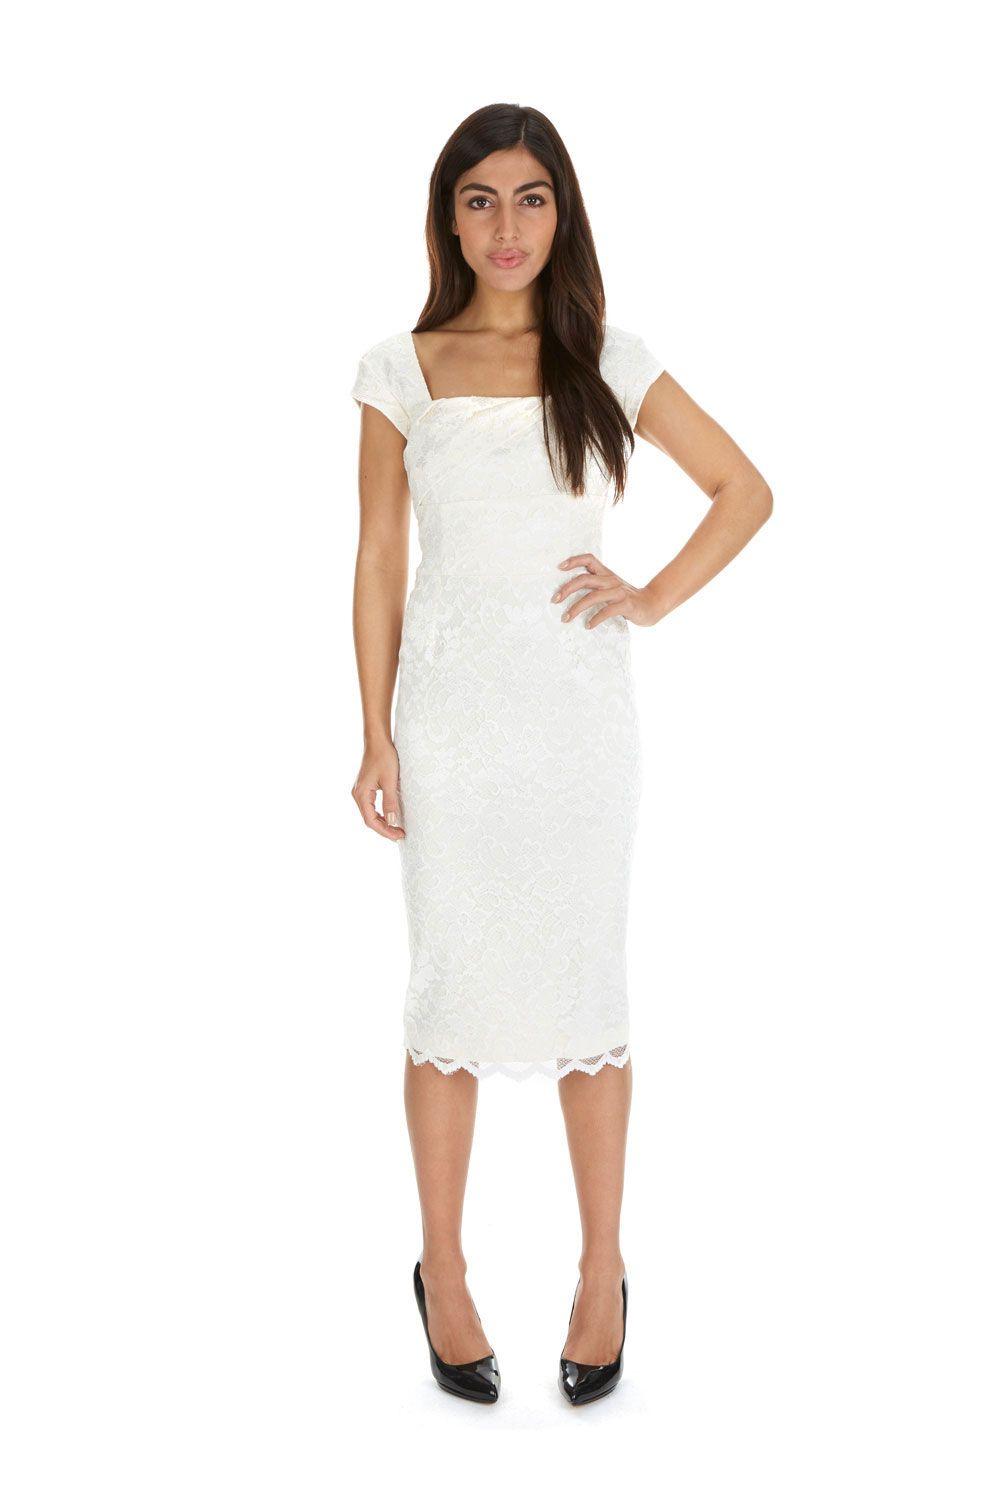 Cara Cream Lace Pencil Dress | The Pretty Dress Company